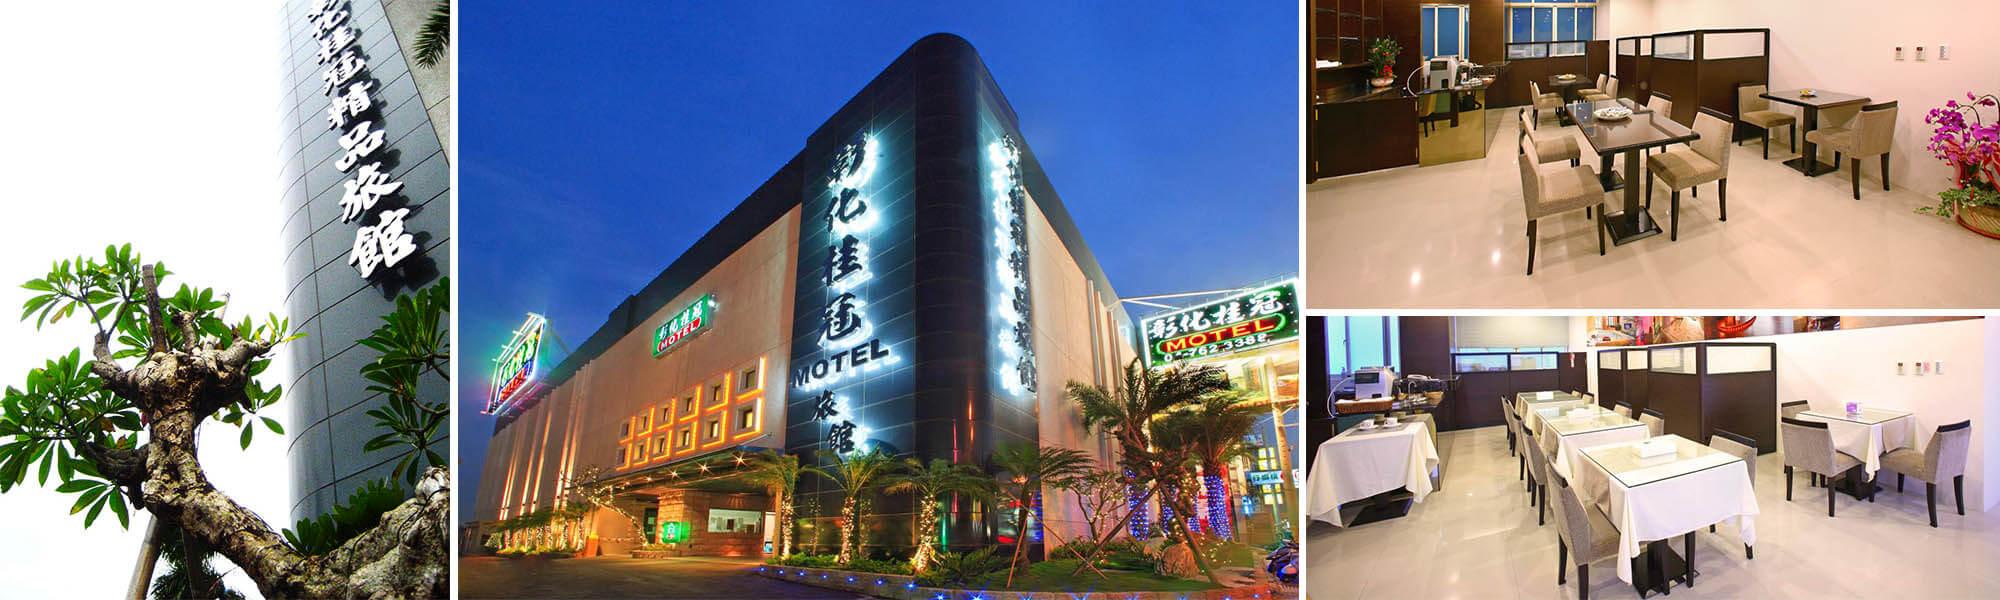 彰化桂冠汽車旅館